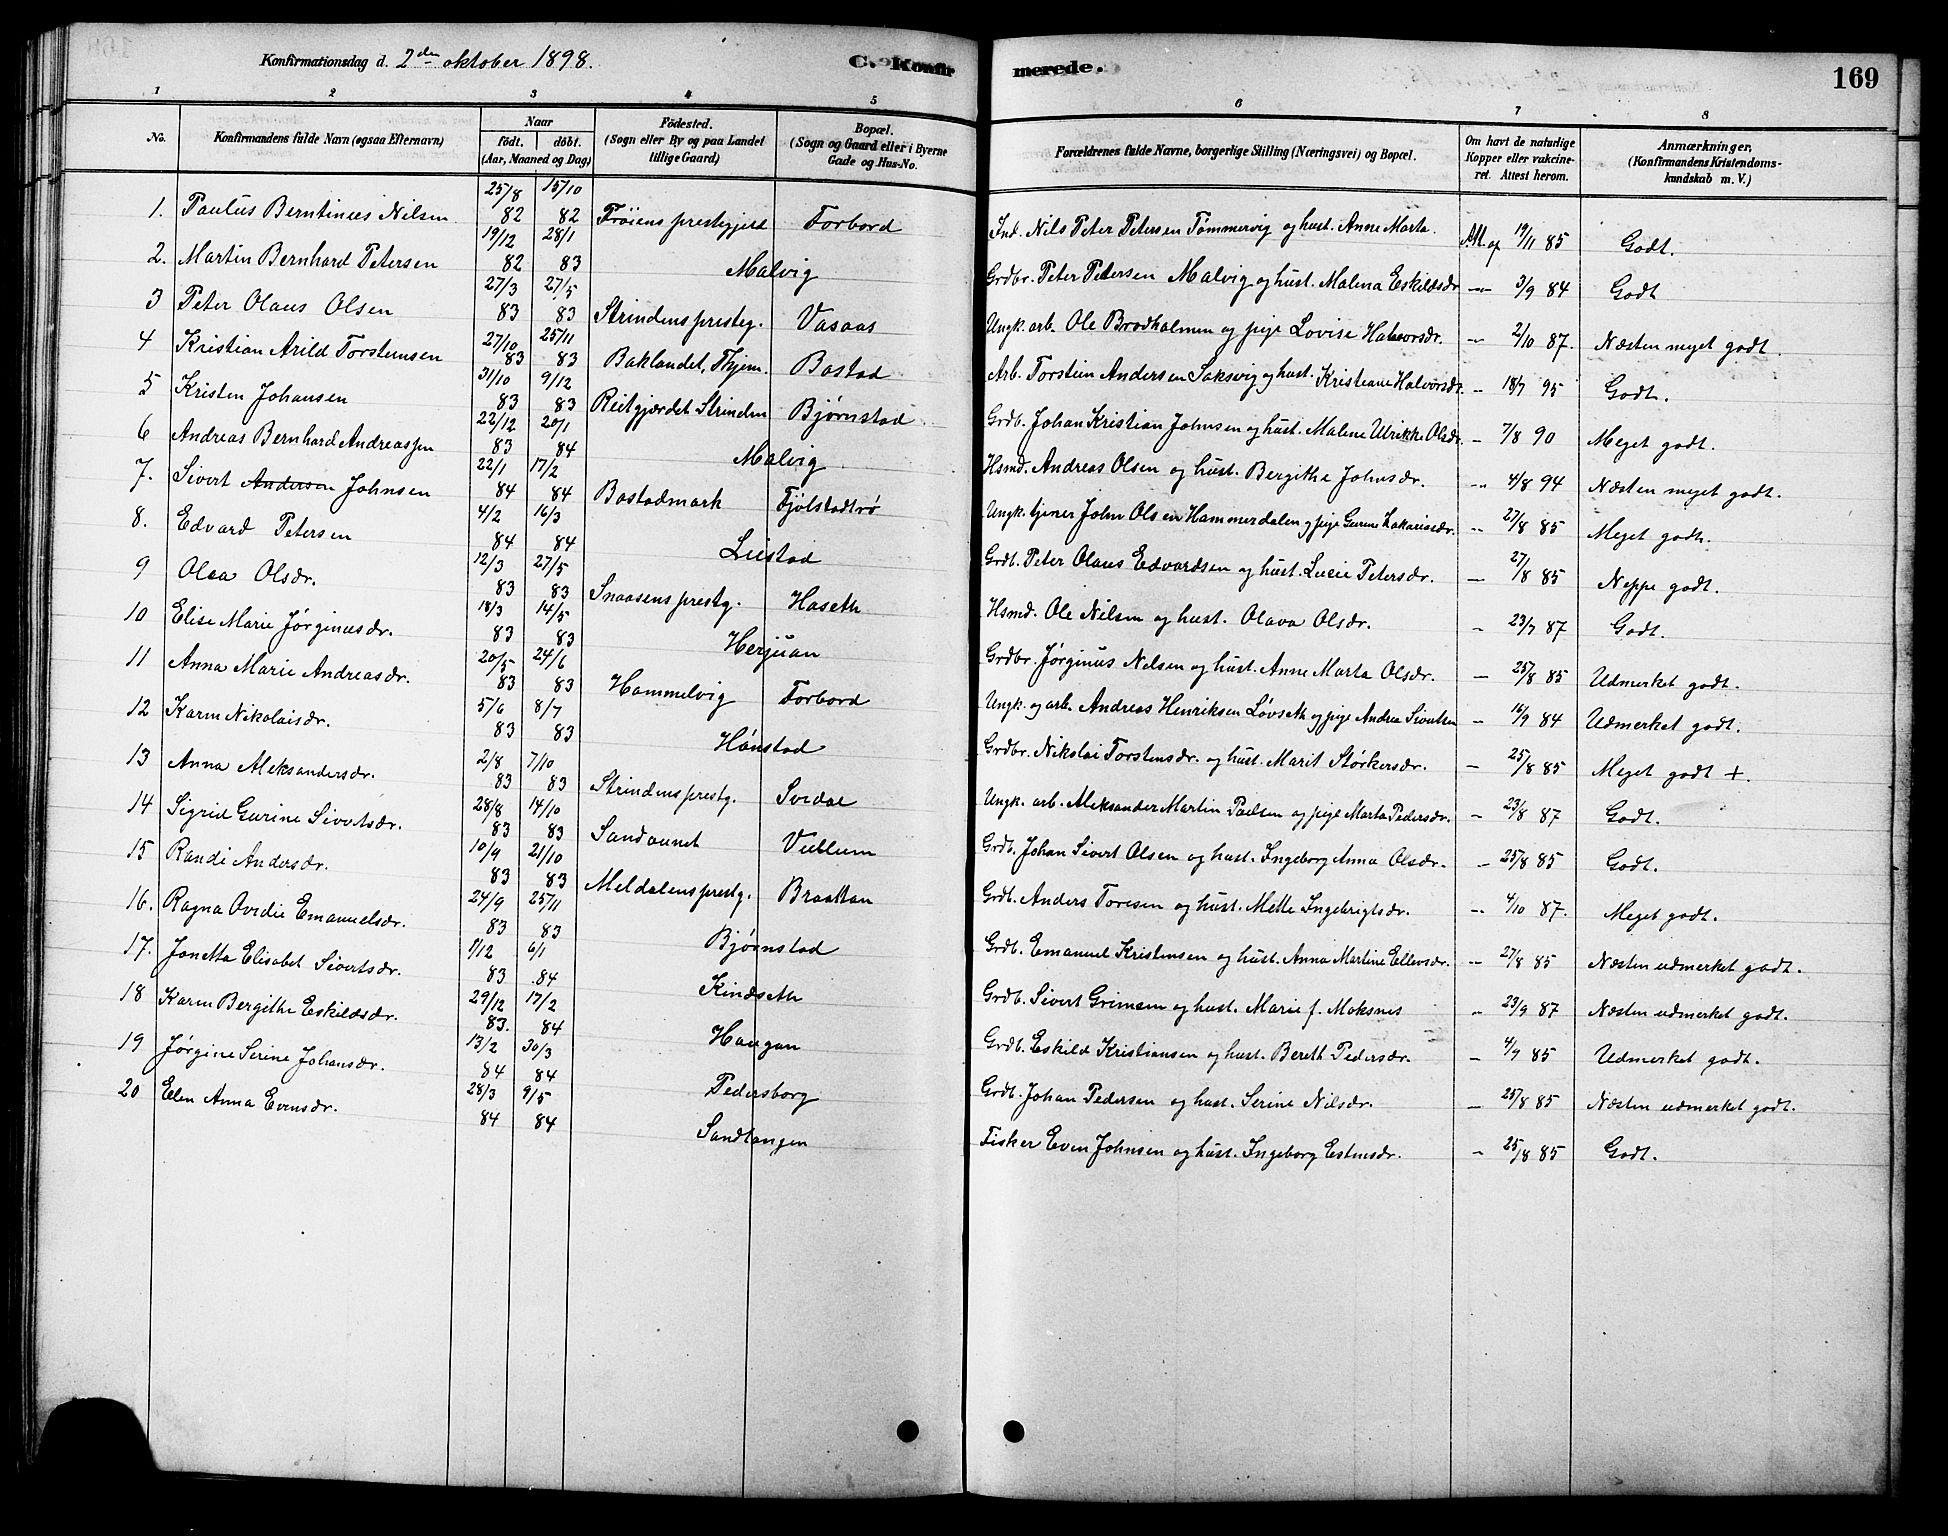 SAT, Ministerialprotokoller, klokkerbøker og fødselsregistre - Sør-Trøndelag, 616/L0423: Klokkerbok nr. 616C06, 1878-1903, s. 169